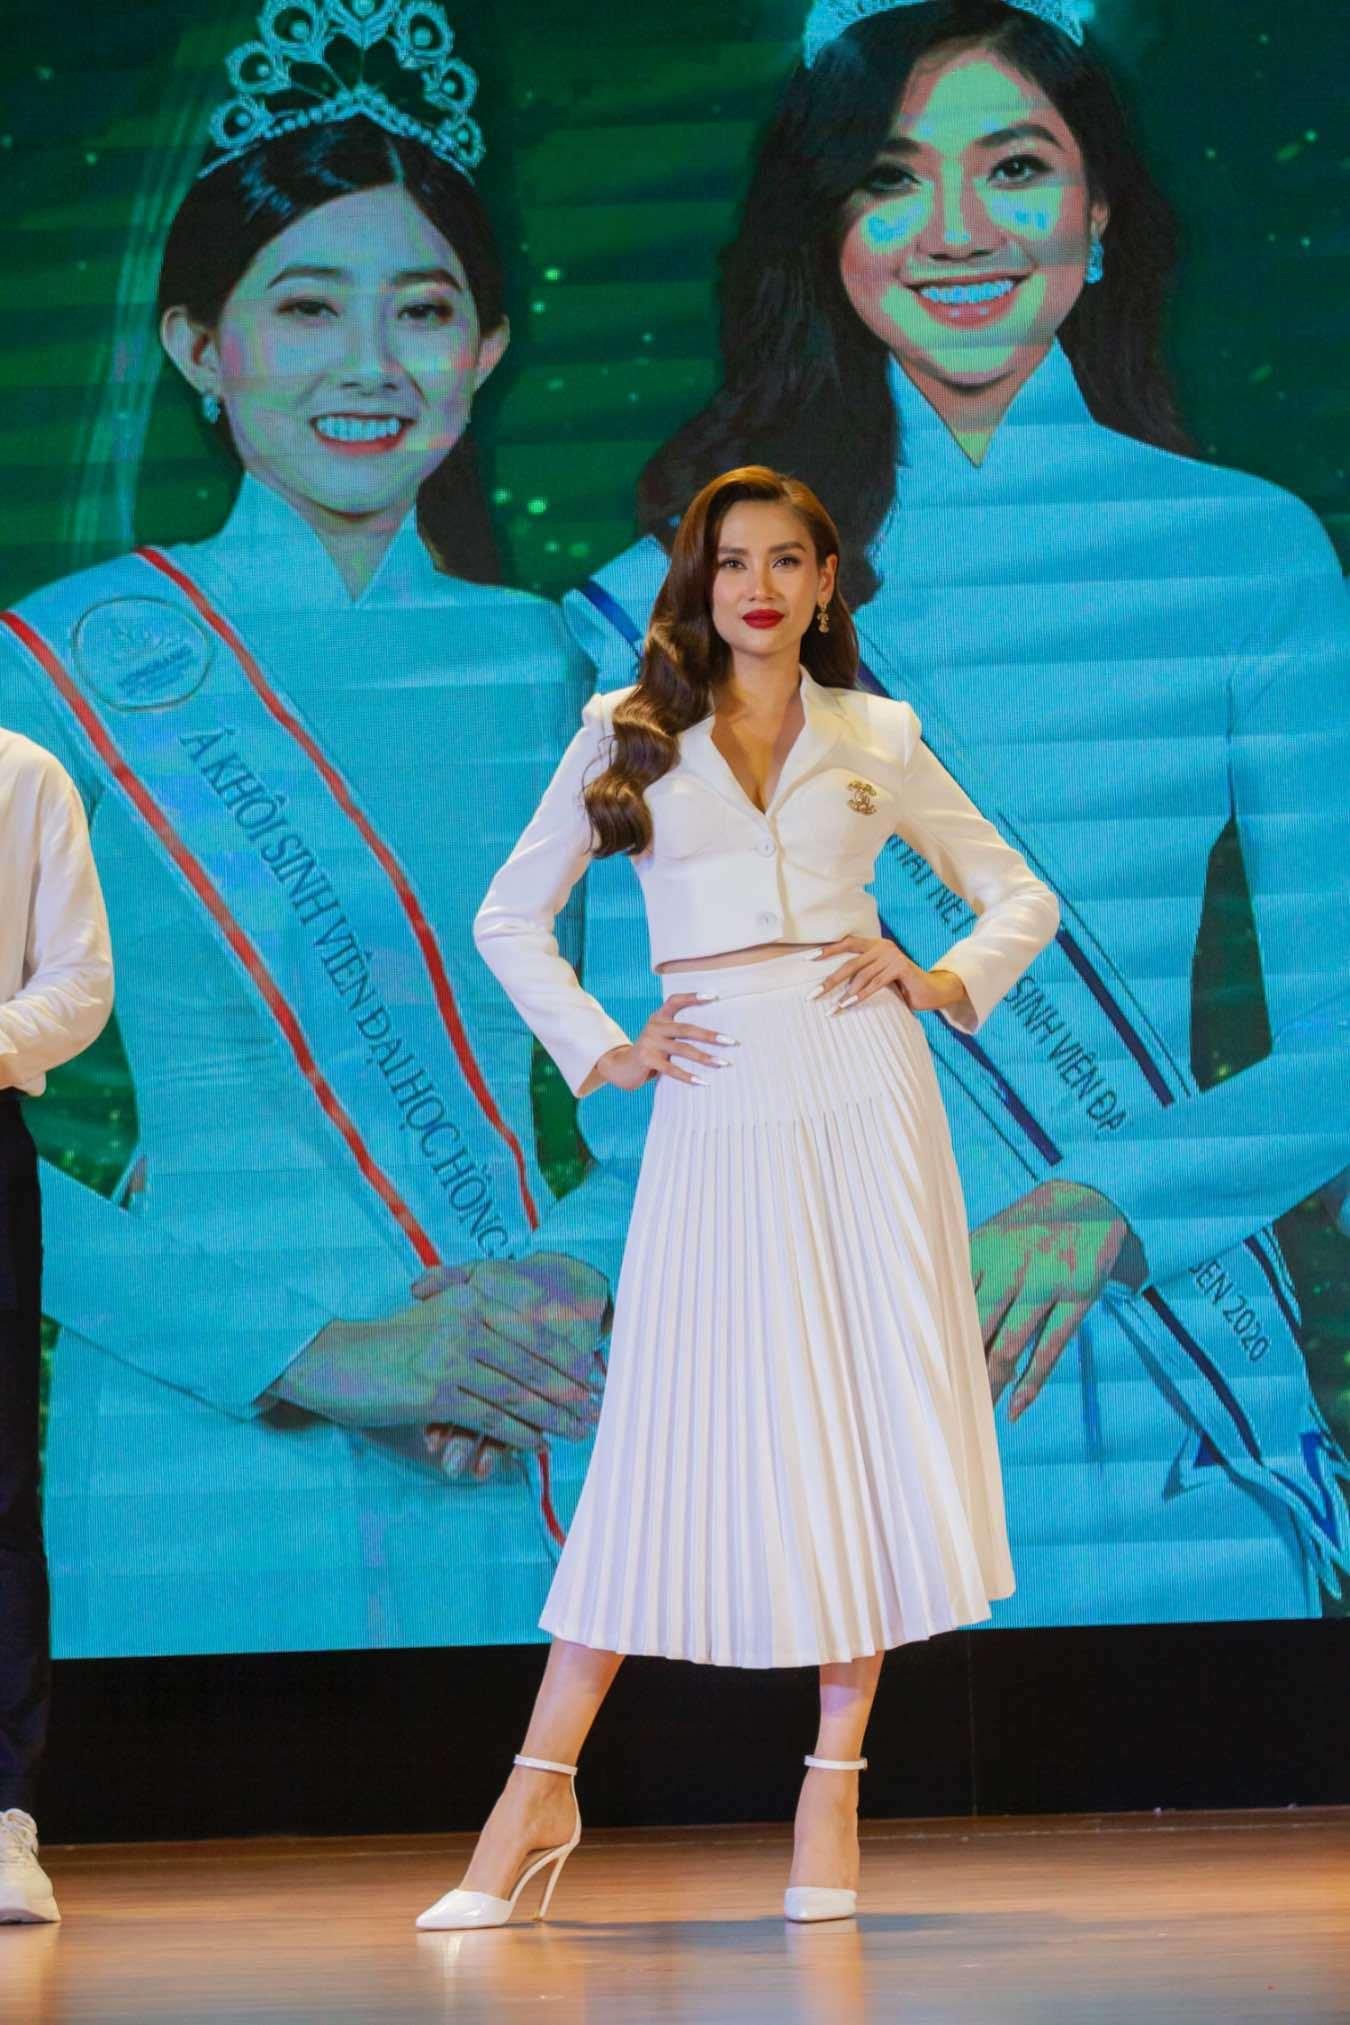 Võ Hoàng Yến, Đông Nhi làm giám khảo cuộc thi Hoa khôi sinh viên